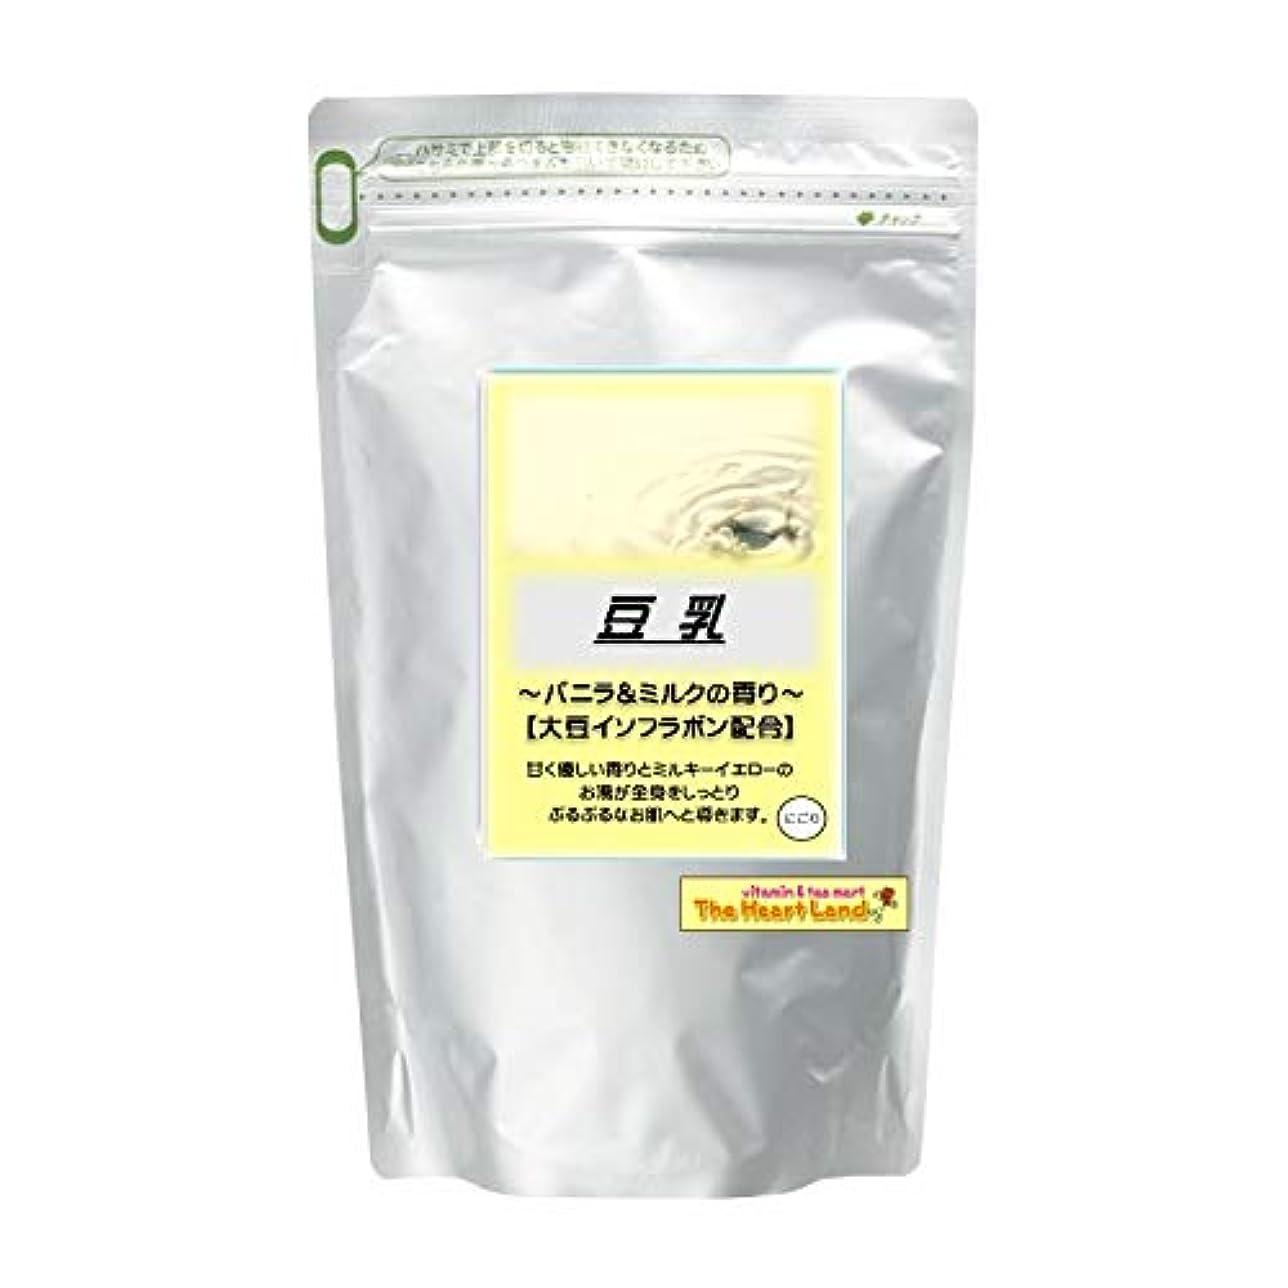 検査官二不公平アサヒ入浴剤 浴用入浴化粧品 豆乳 2.5kg